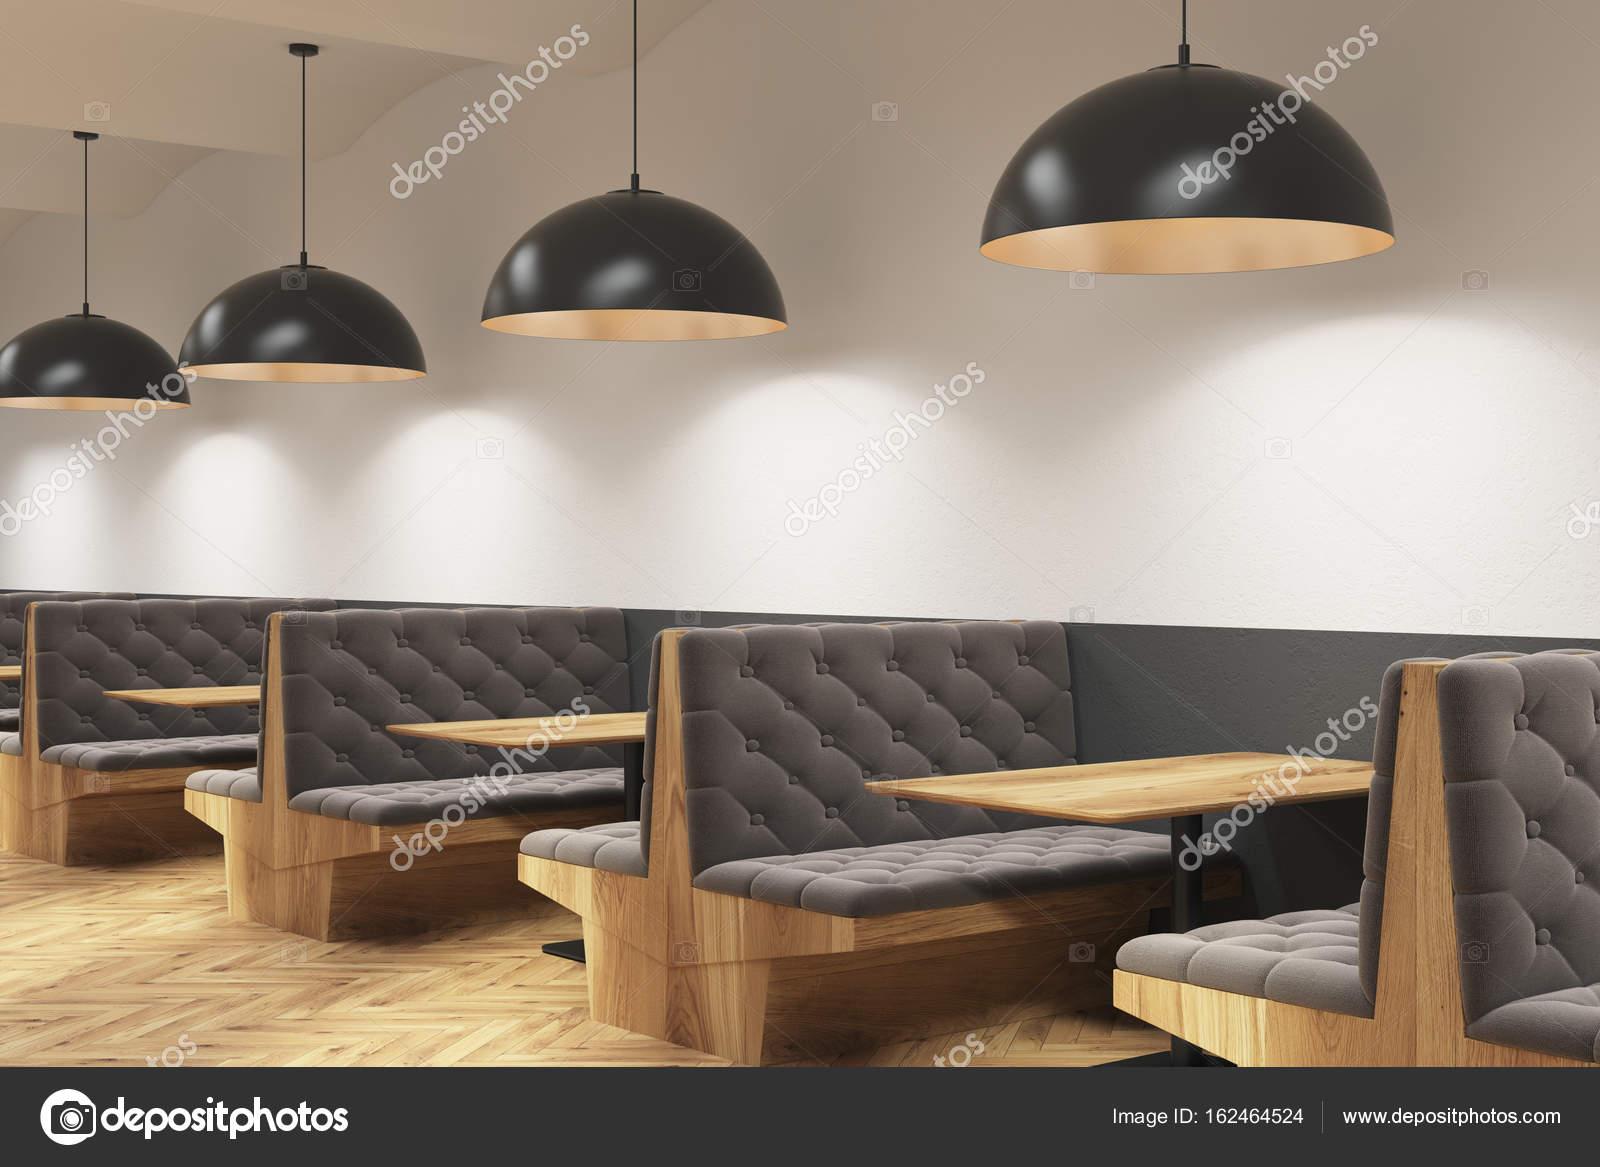 grijze caf interieur met banken en lampen stockfoto